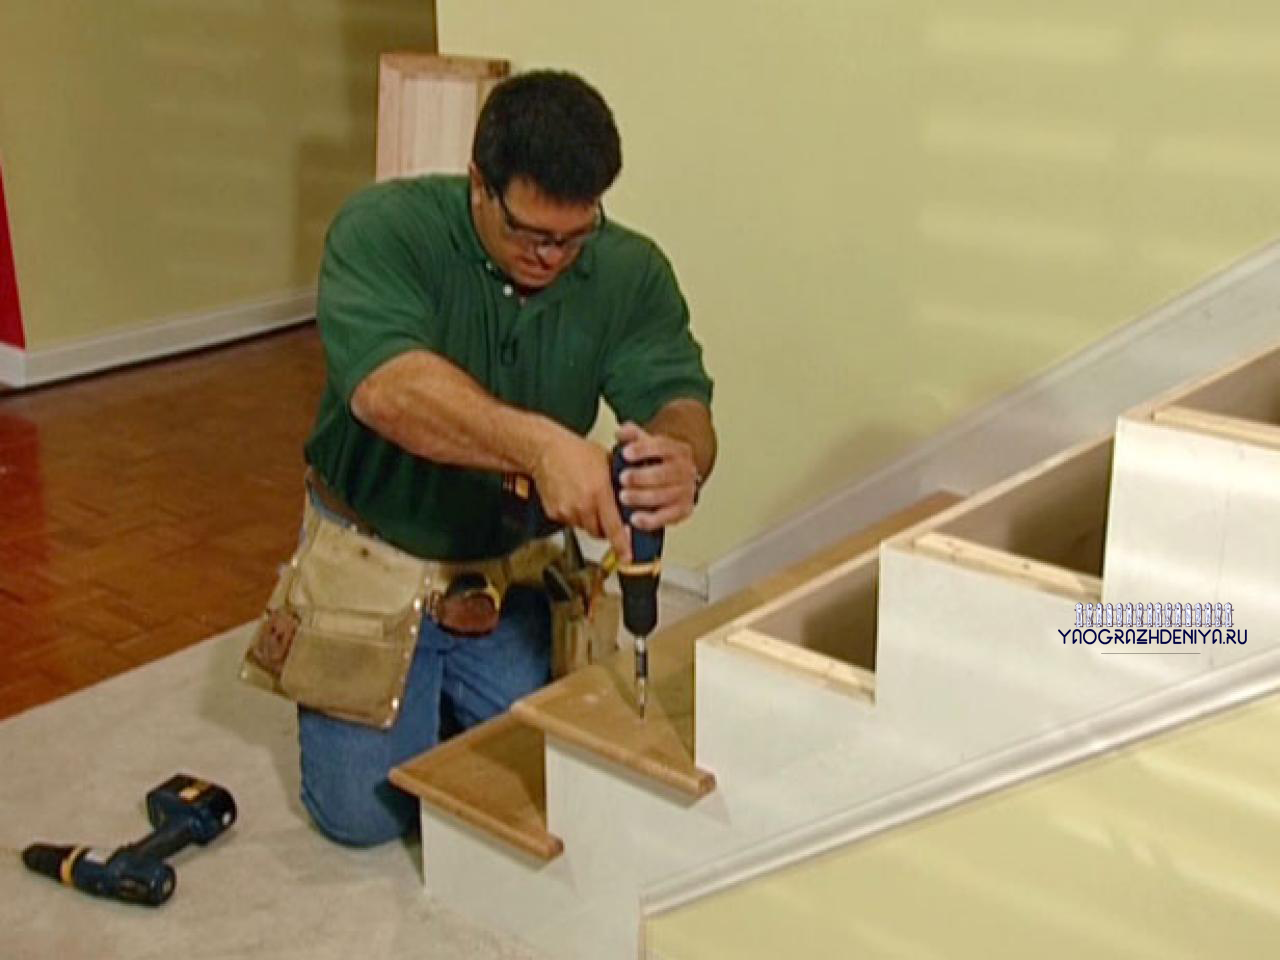 Установка деревянных перил 1 этап